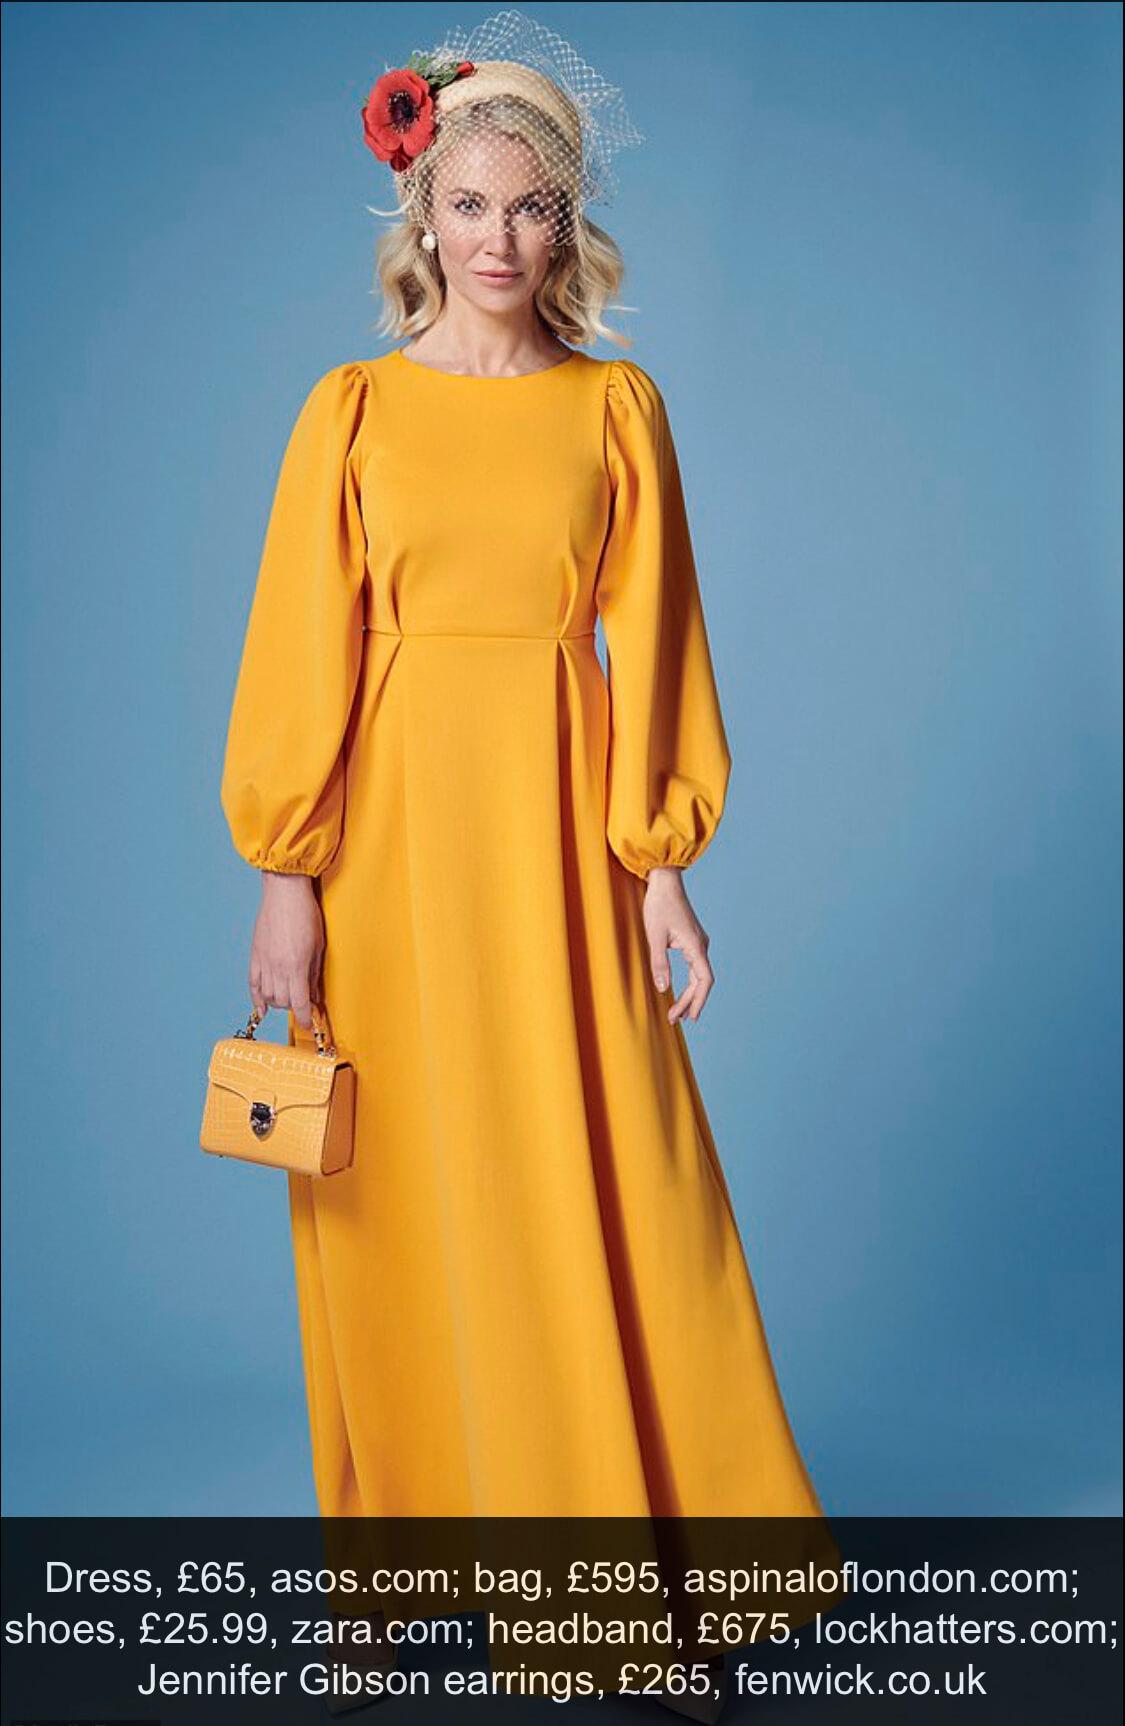 The Mail Fashion May 2021 (1)-Jennifer Gibson Jewellery